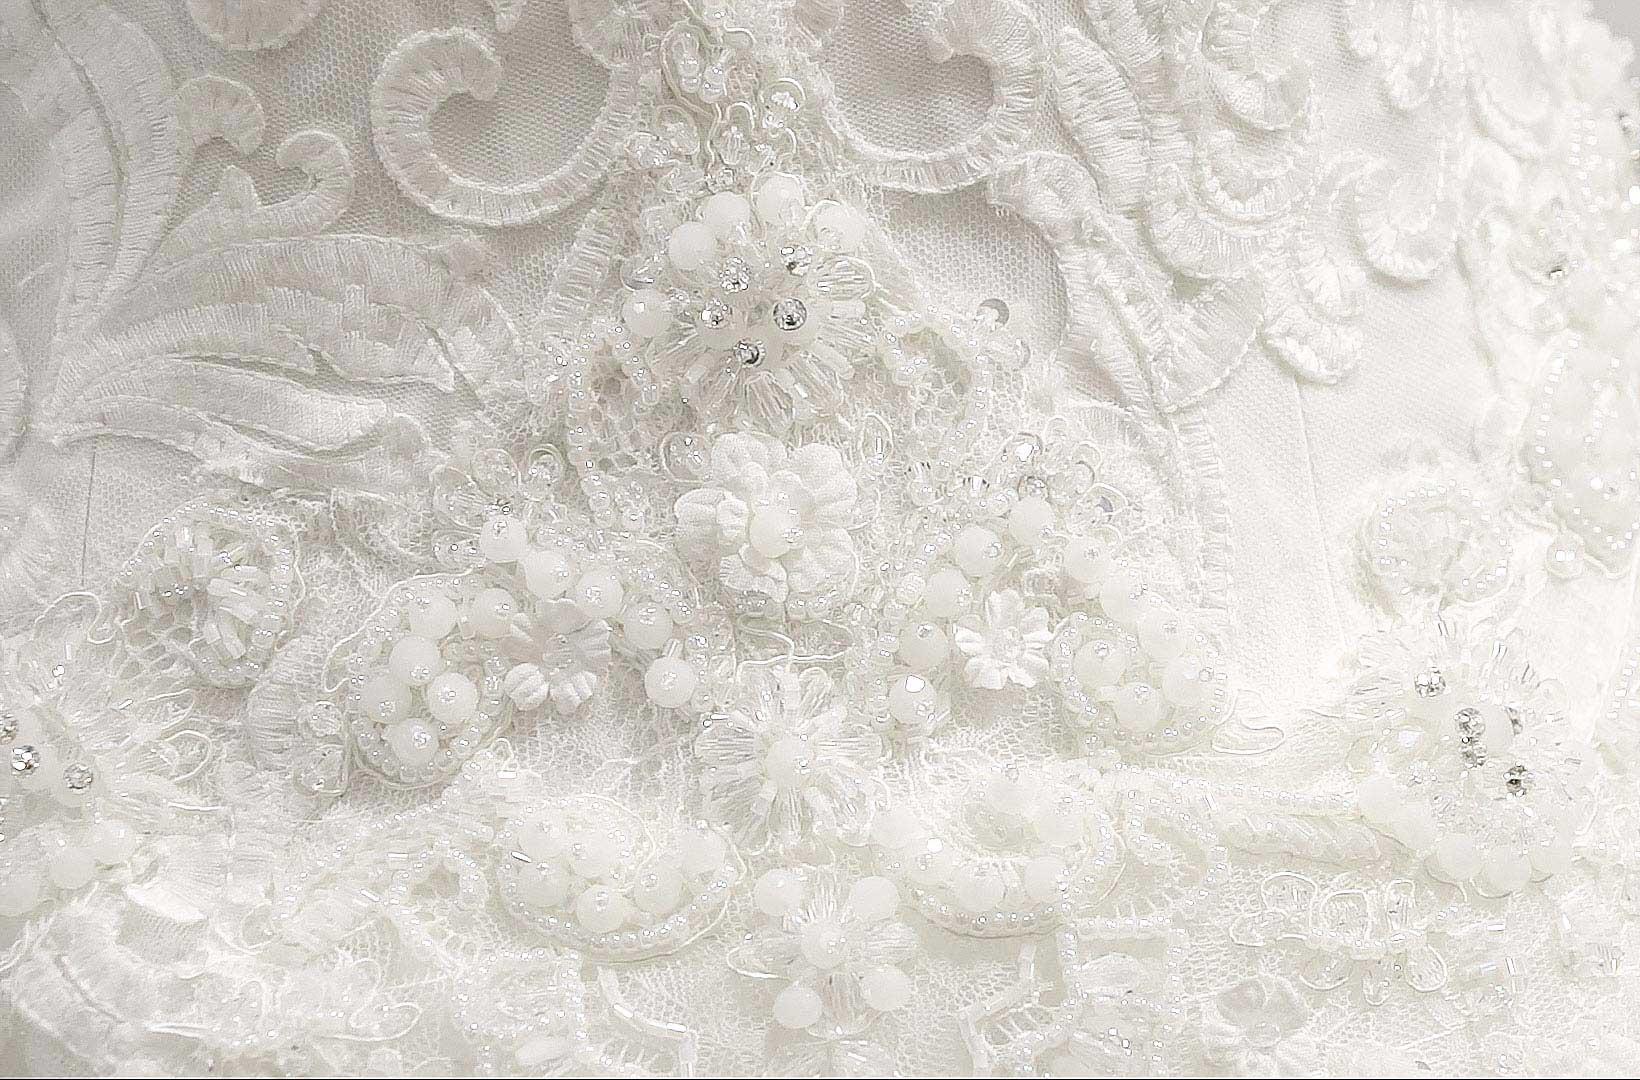 Brautkleider Marken, Hochzeitskleider Marken  Brautmode Marken